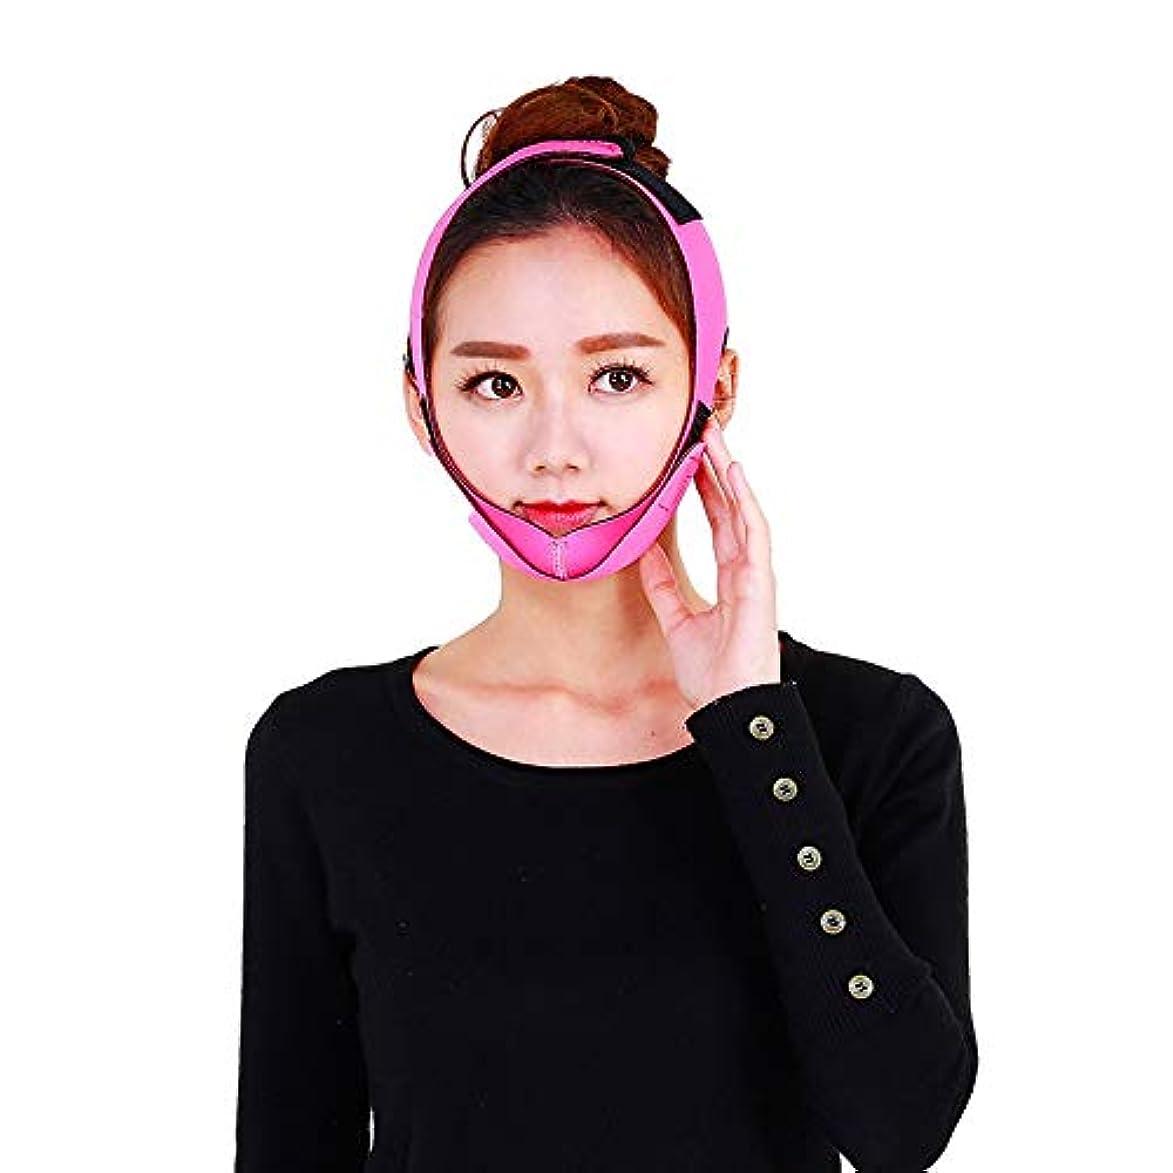 友情添加失効飛強強 顔の持ち上がる痩身ベルト - 薄い顔包帯二重あごのデバイス無料の顔のマッサージ整形マスクが顔と首を締めます スリムフィット美容ツール